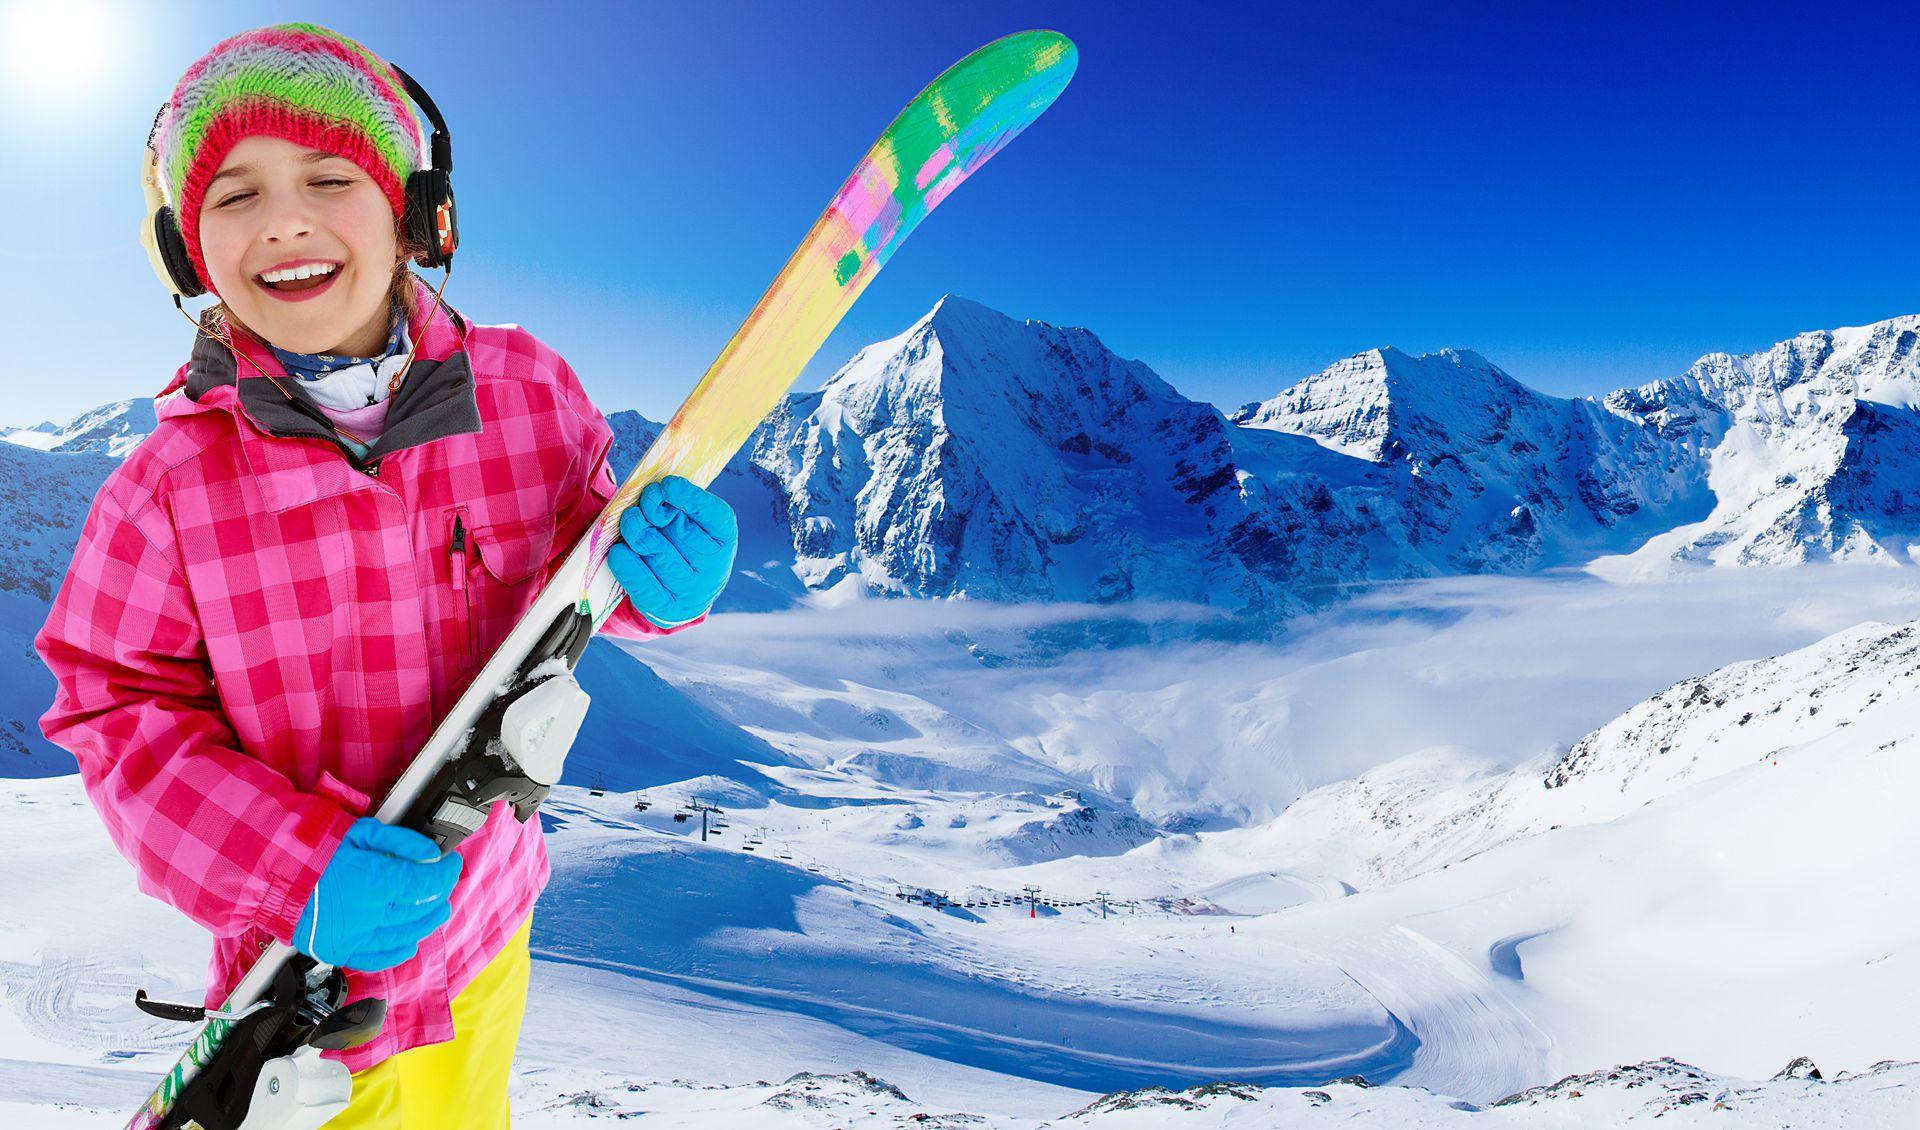 Лучшие горнолыжные курорты Австрии для отдыха с детьми   Портал ... 0dc69c88592